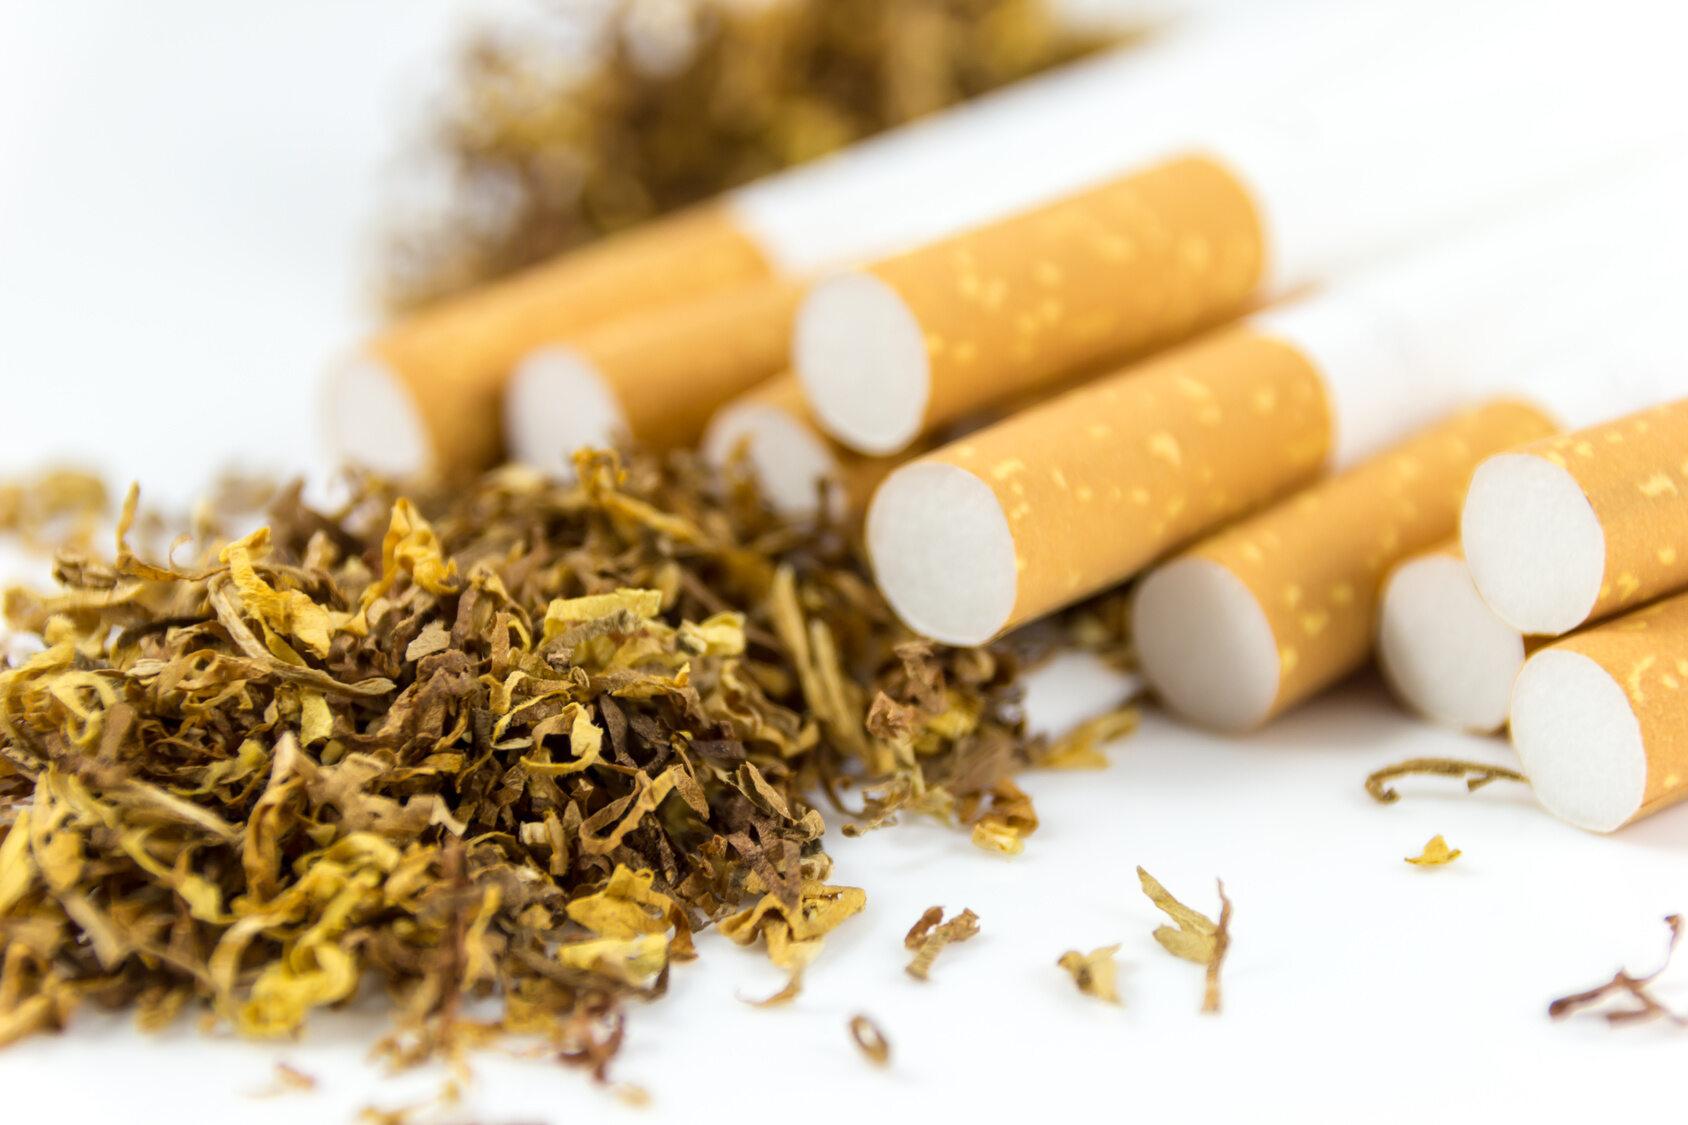 Papierosy, tytoń